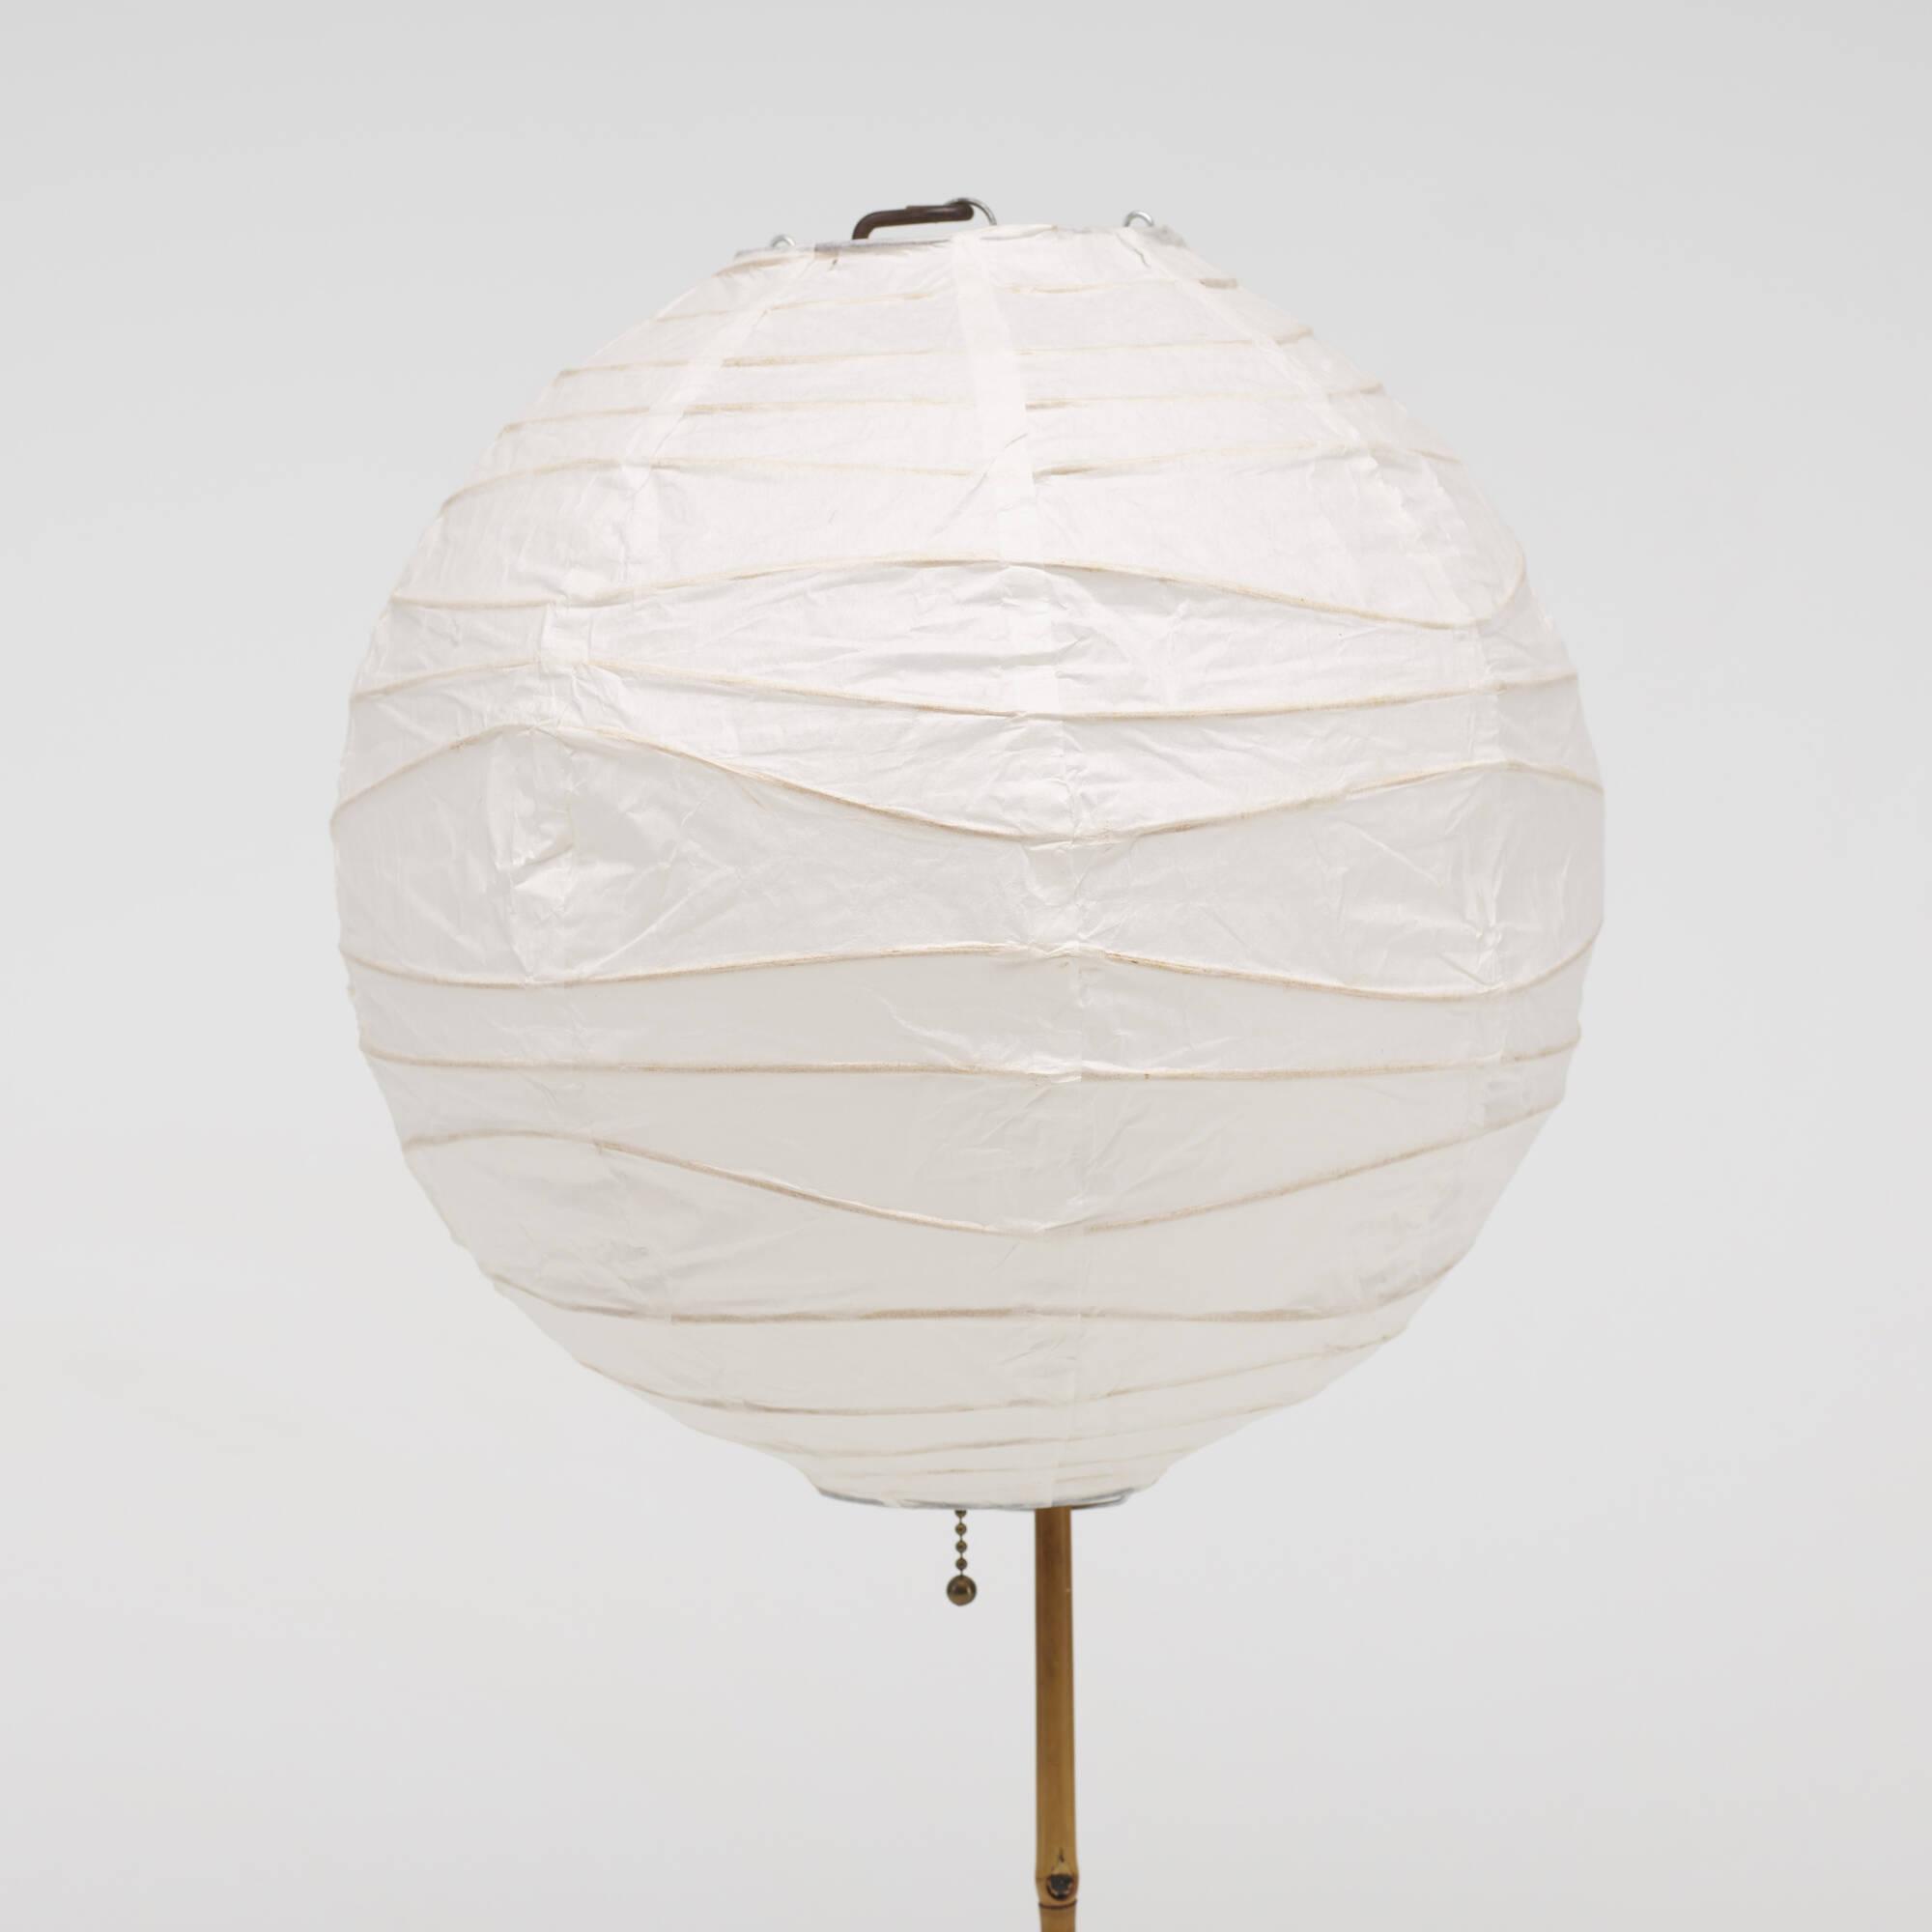 207: Isamu Noguchi / Akari table lamps, pair (2 of 3)